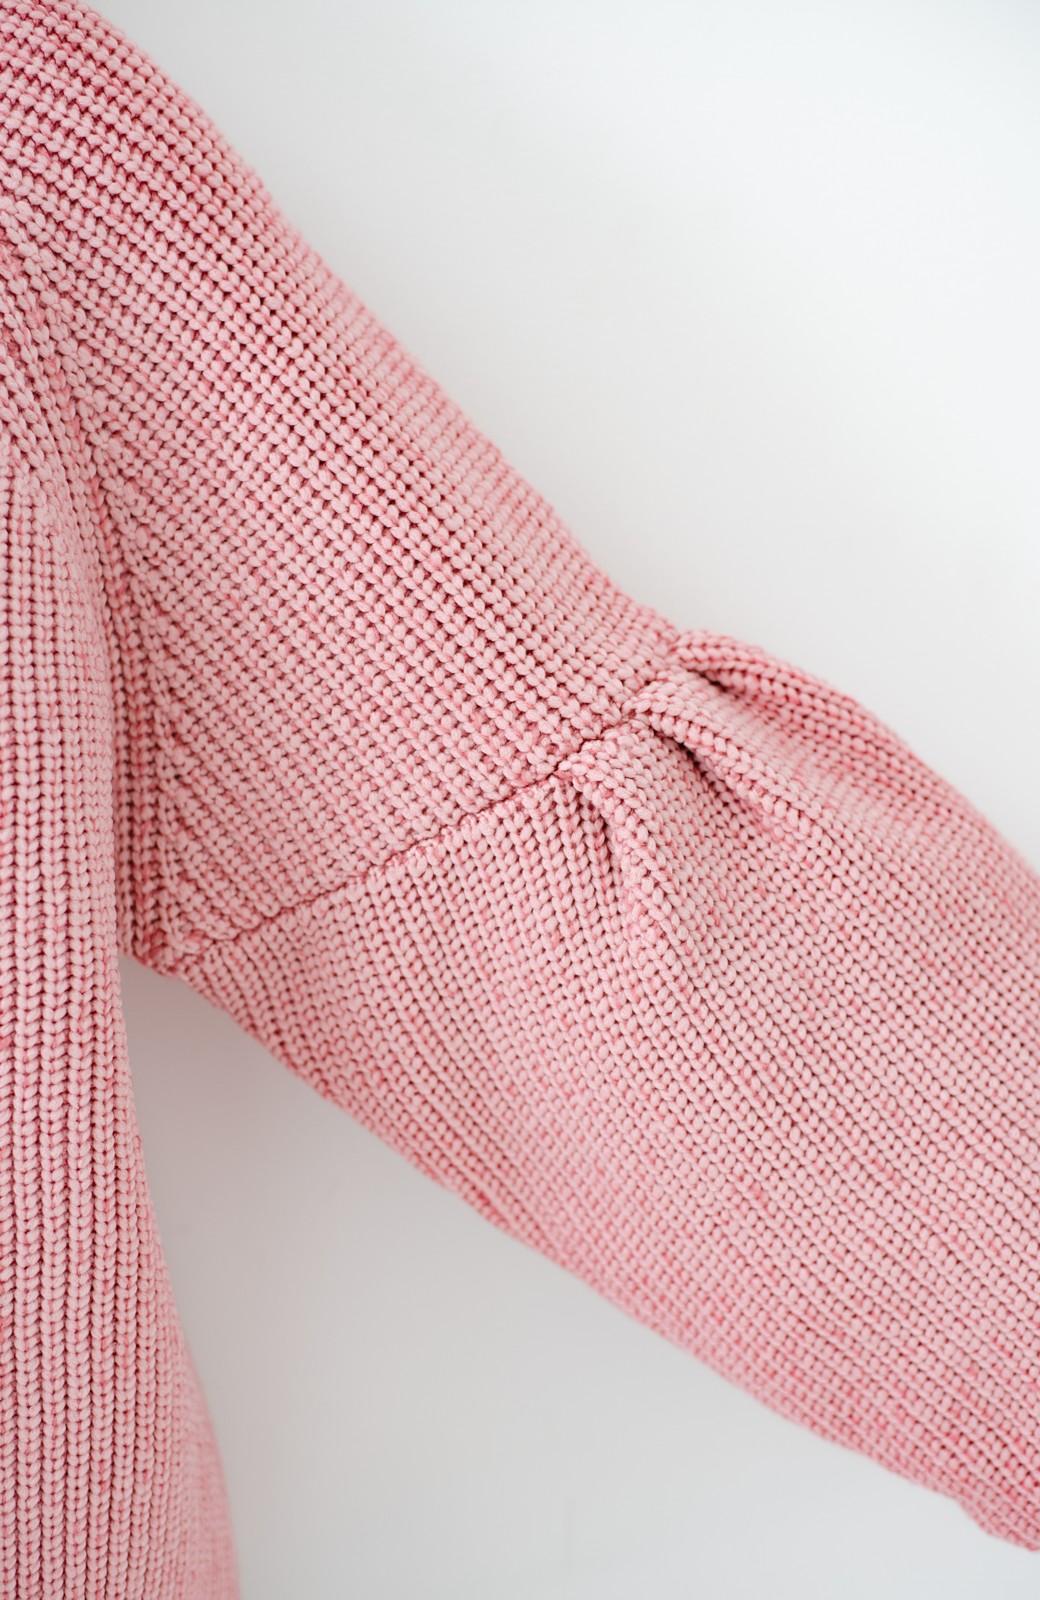 haco! 女子度があがる あぜ編みふわスリーブニット <ピンク>の商品写真3